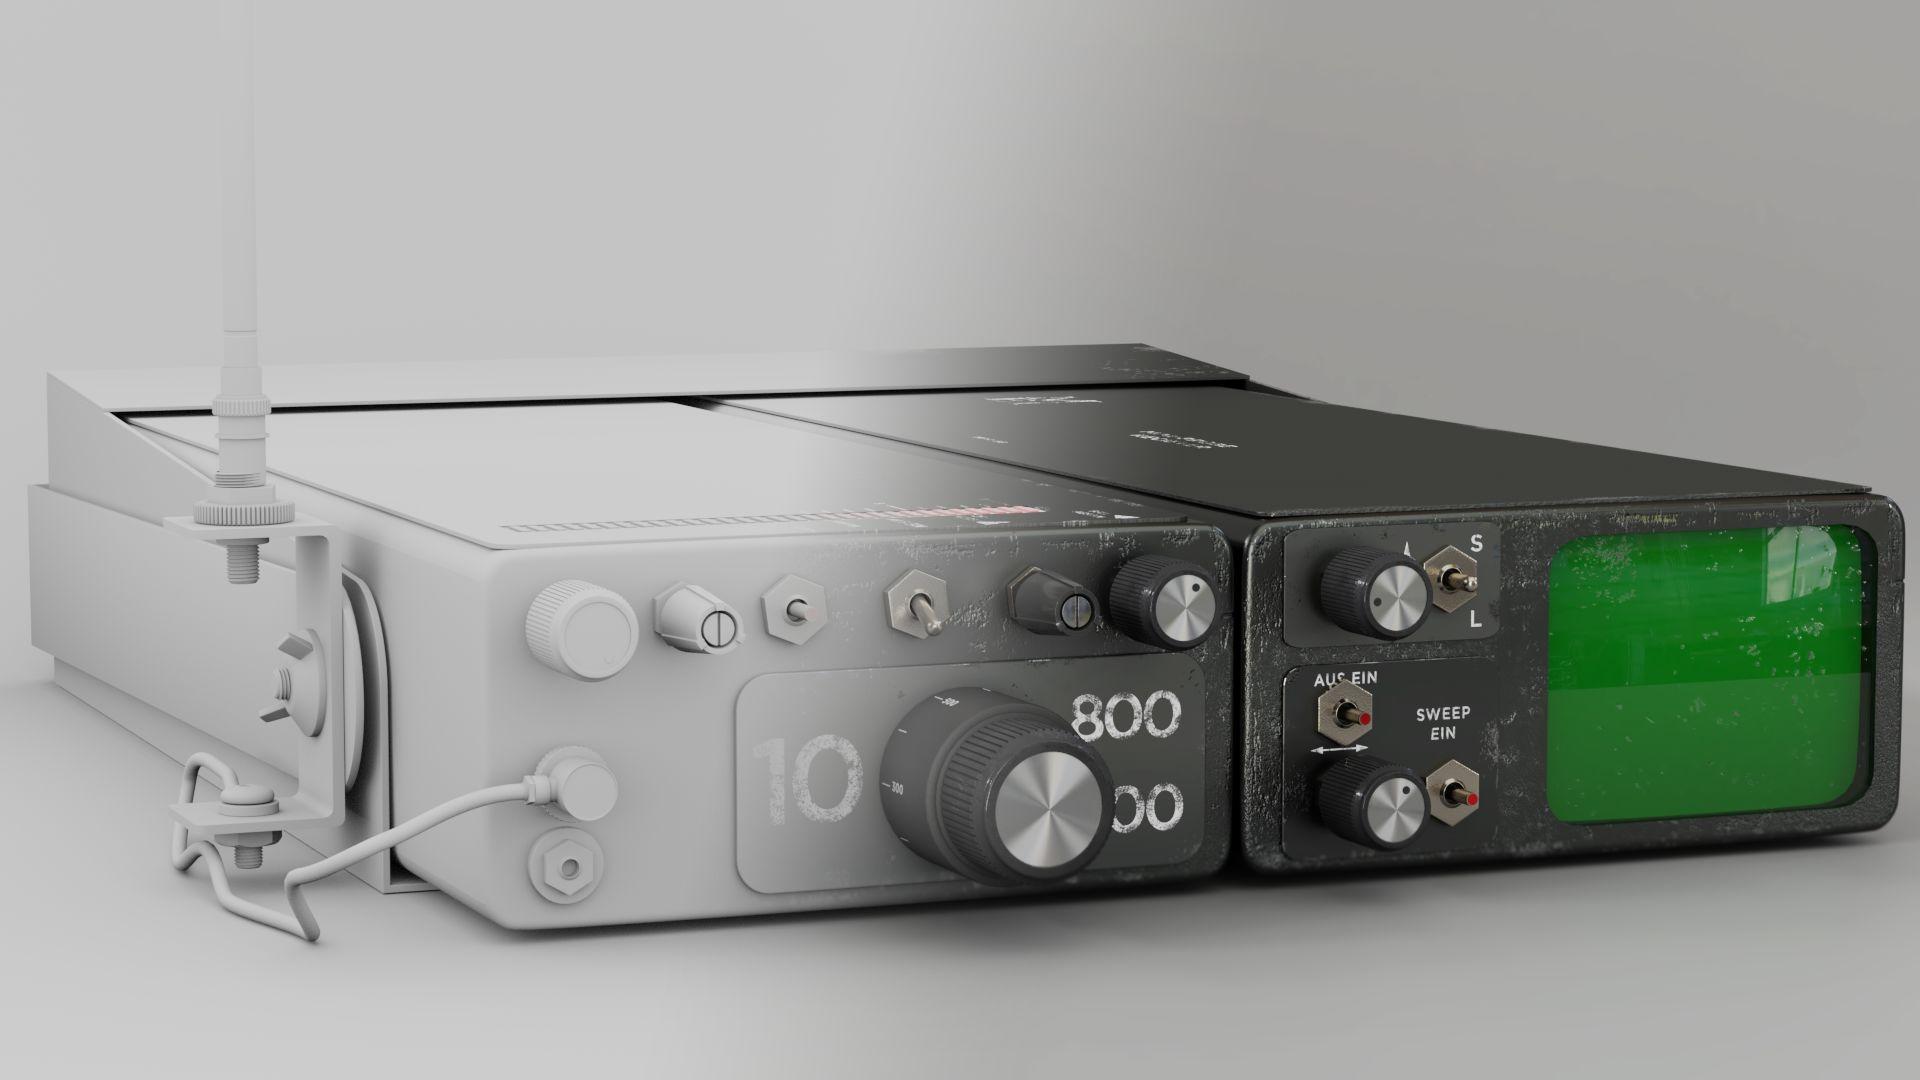 Mason-mpr4-3500-3500